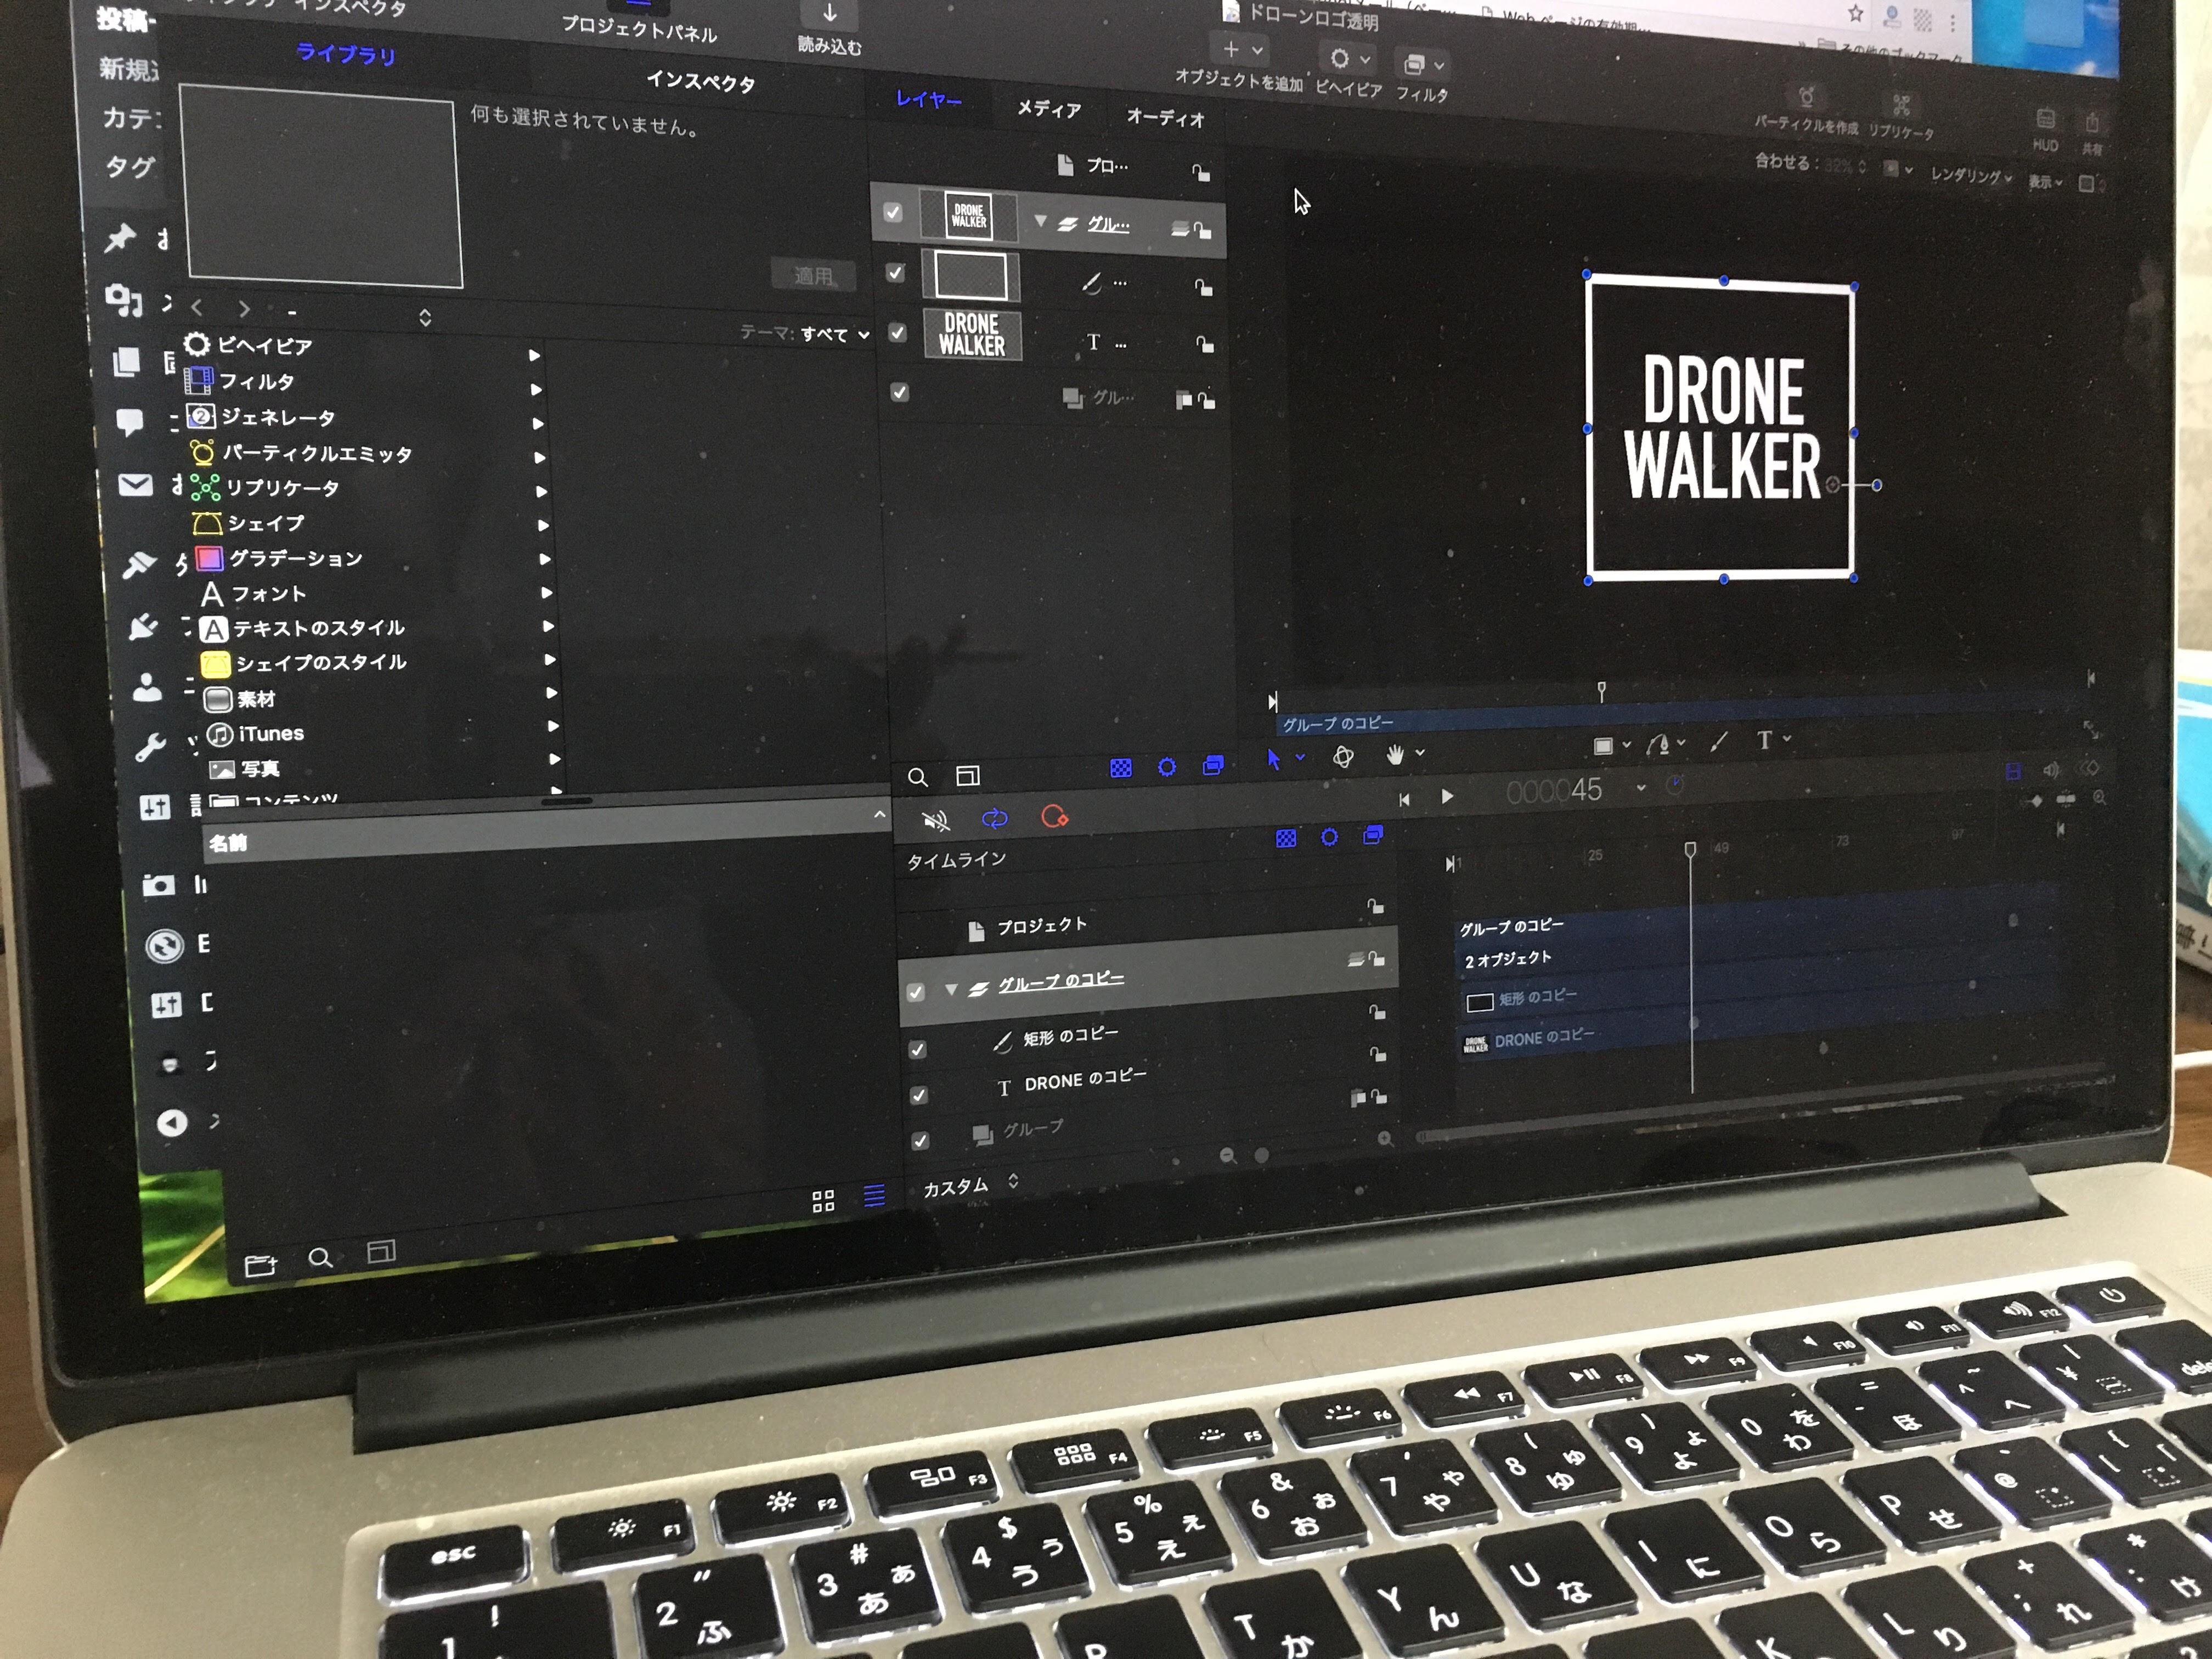 ドローン映像編集にFinal Cut Pro X+MOTIONを導入|初心者はDJI GO4とInstagramがおすすめ!